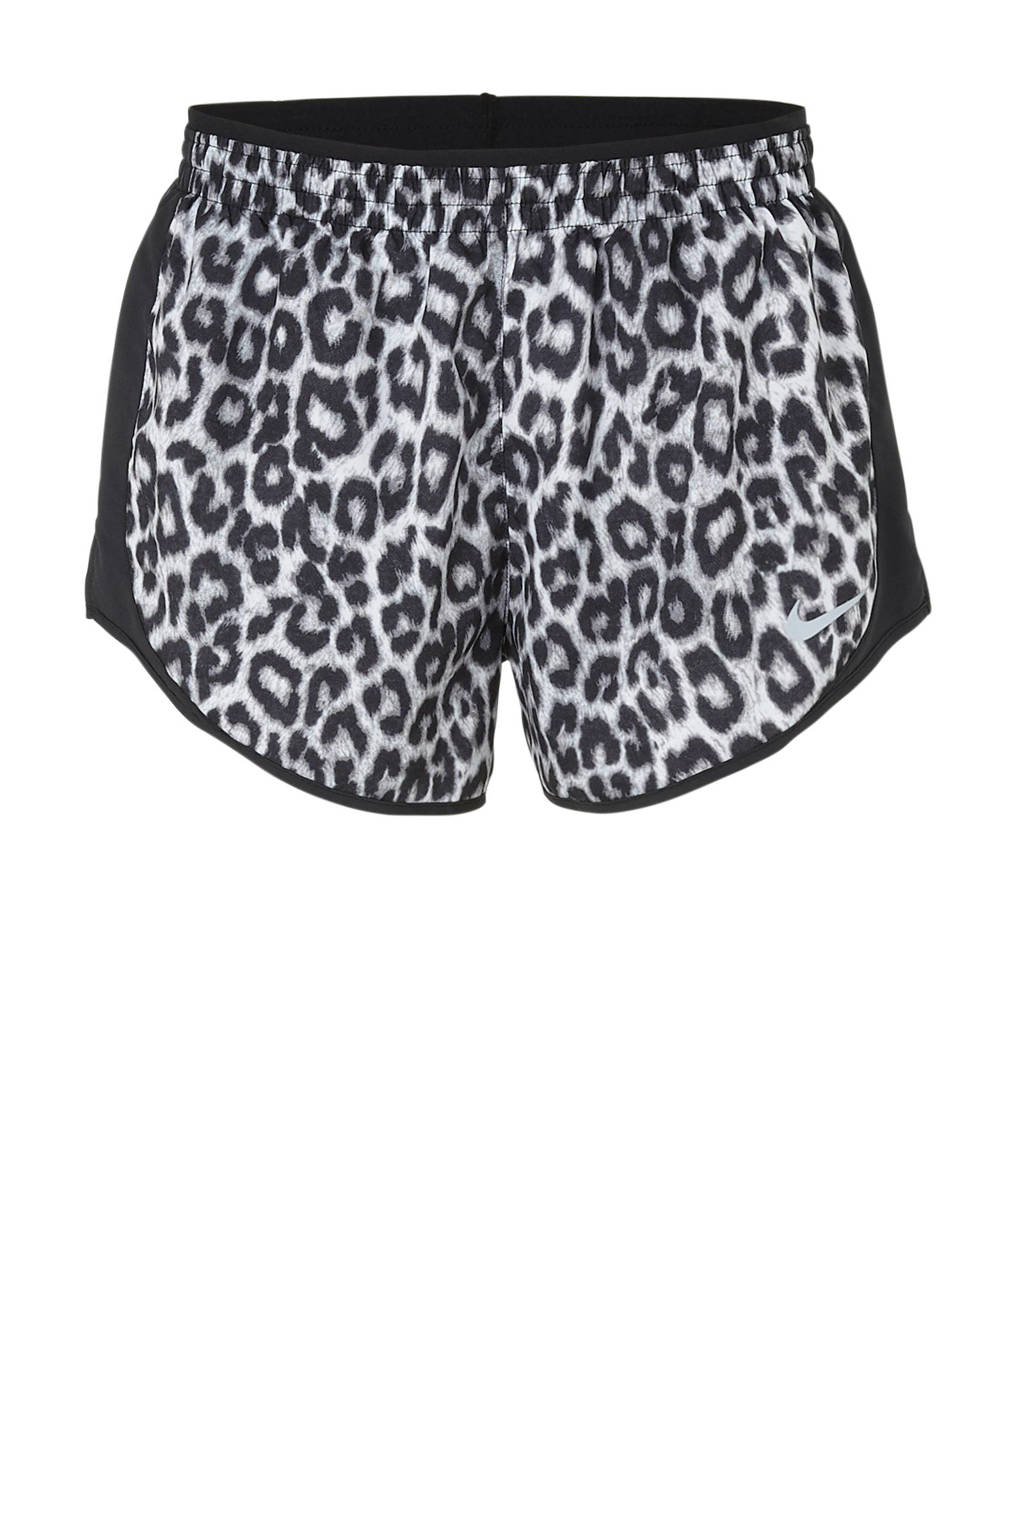 Nike hardloopshort panterprint, Zwart/wit